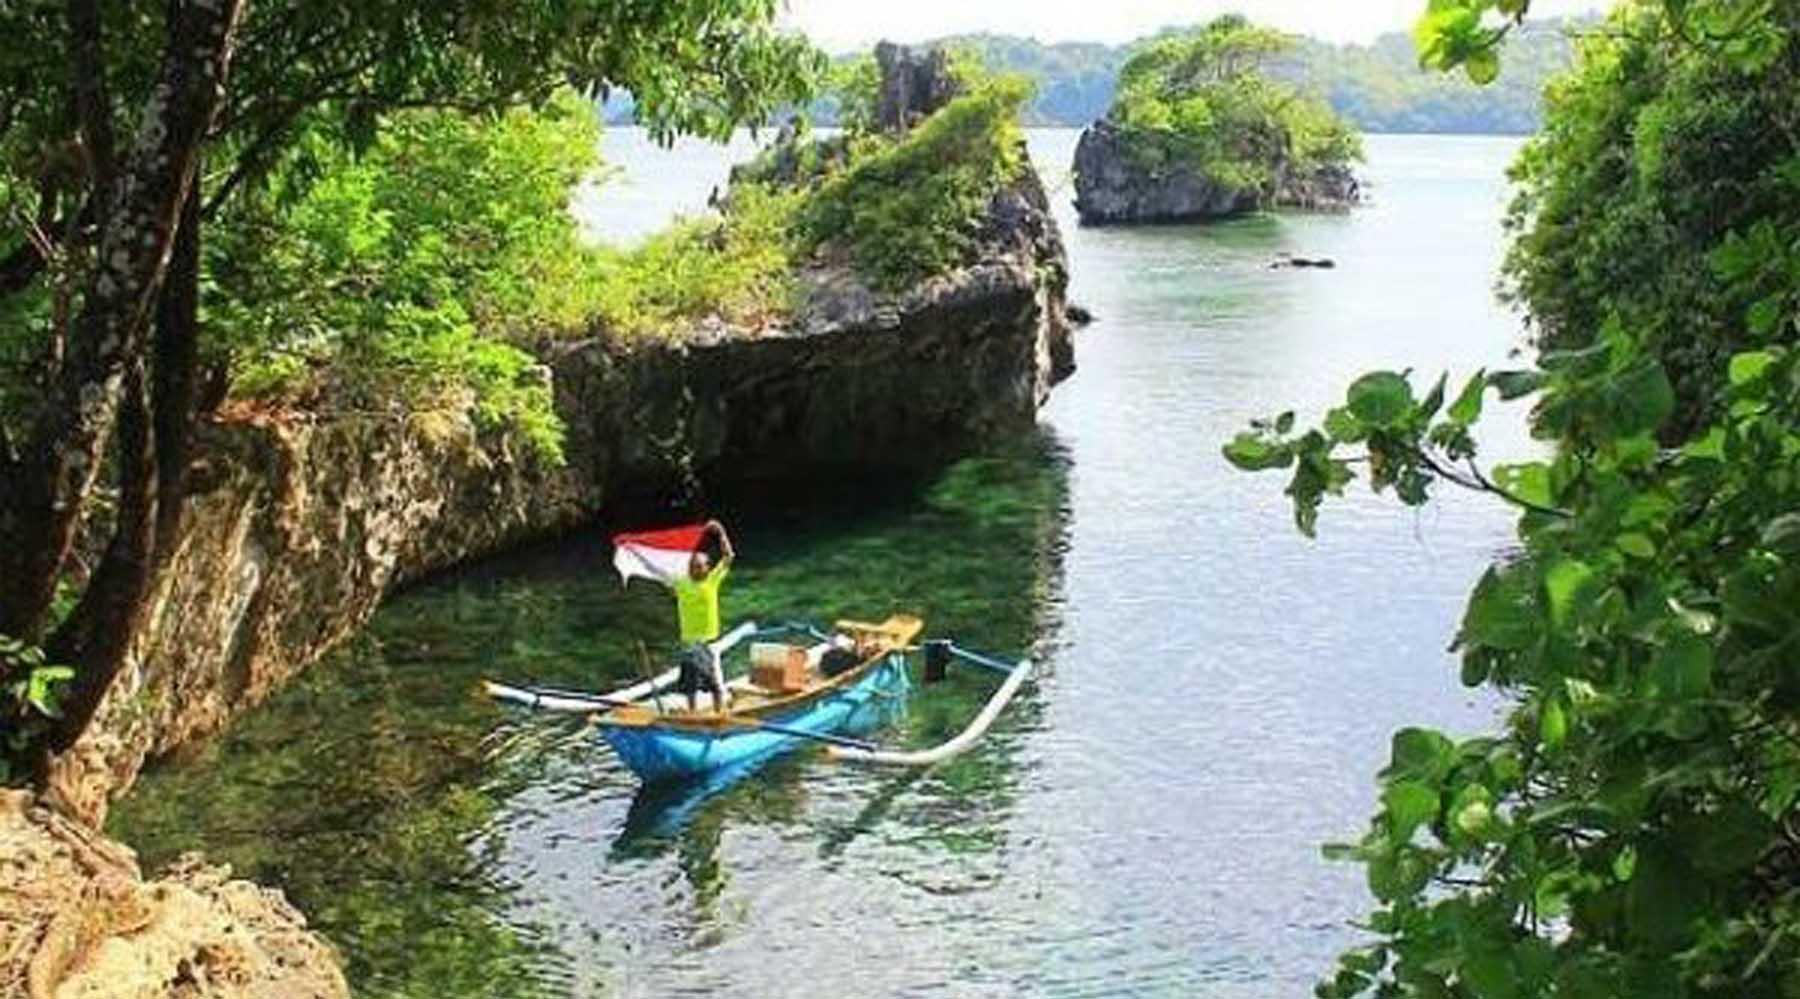 Pulau Terlupakan Pantai Menakjubkan Rubik Citizen Bawean Kab Gresik